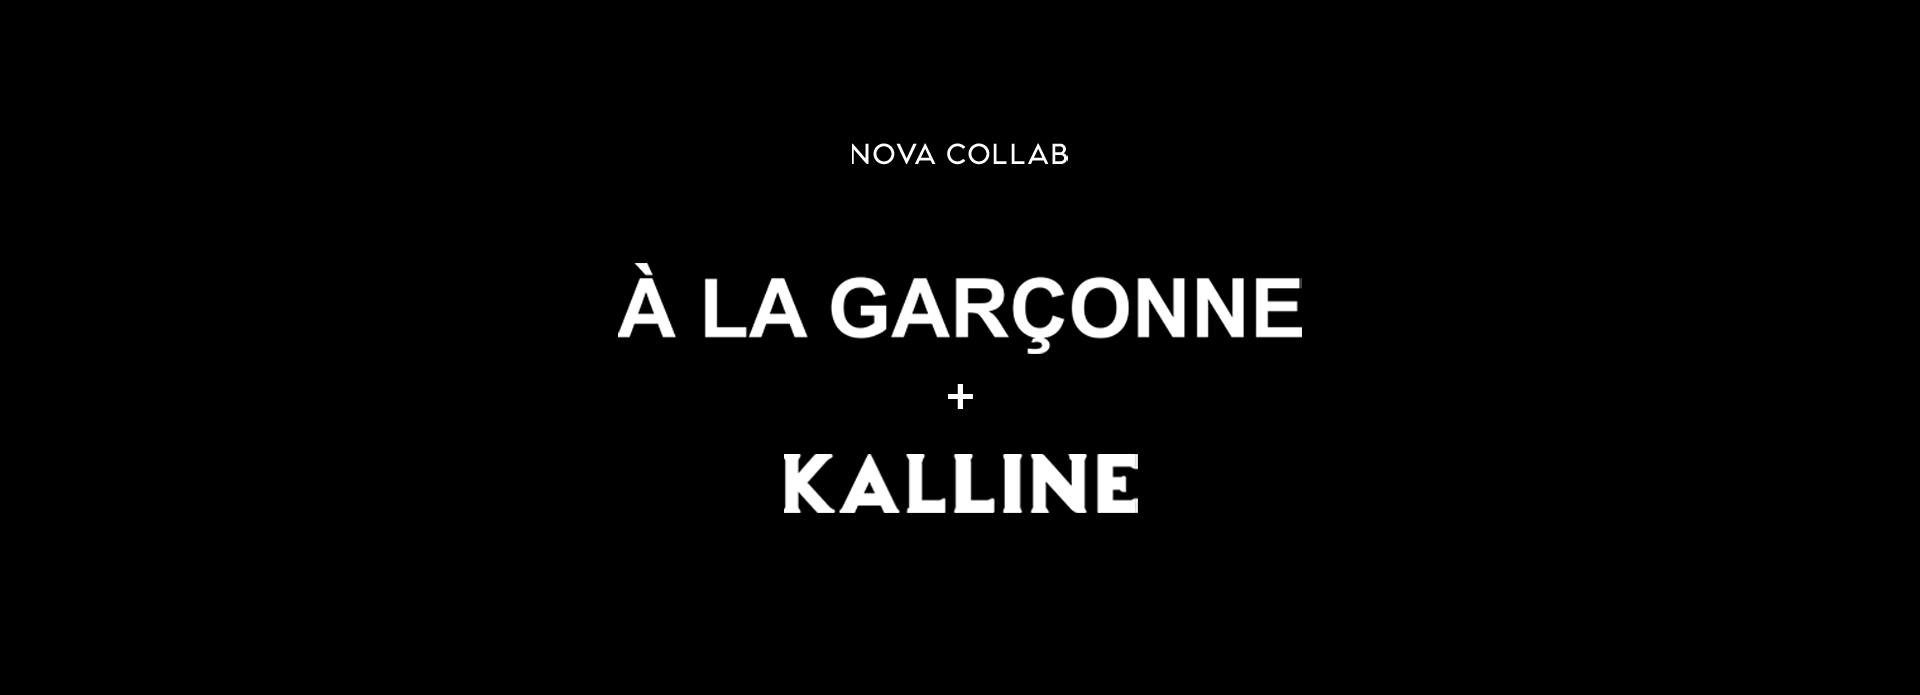 Á LA GARÇONNE + KALLINE